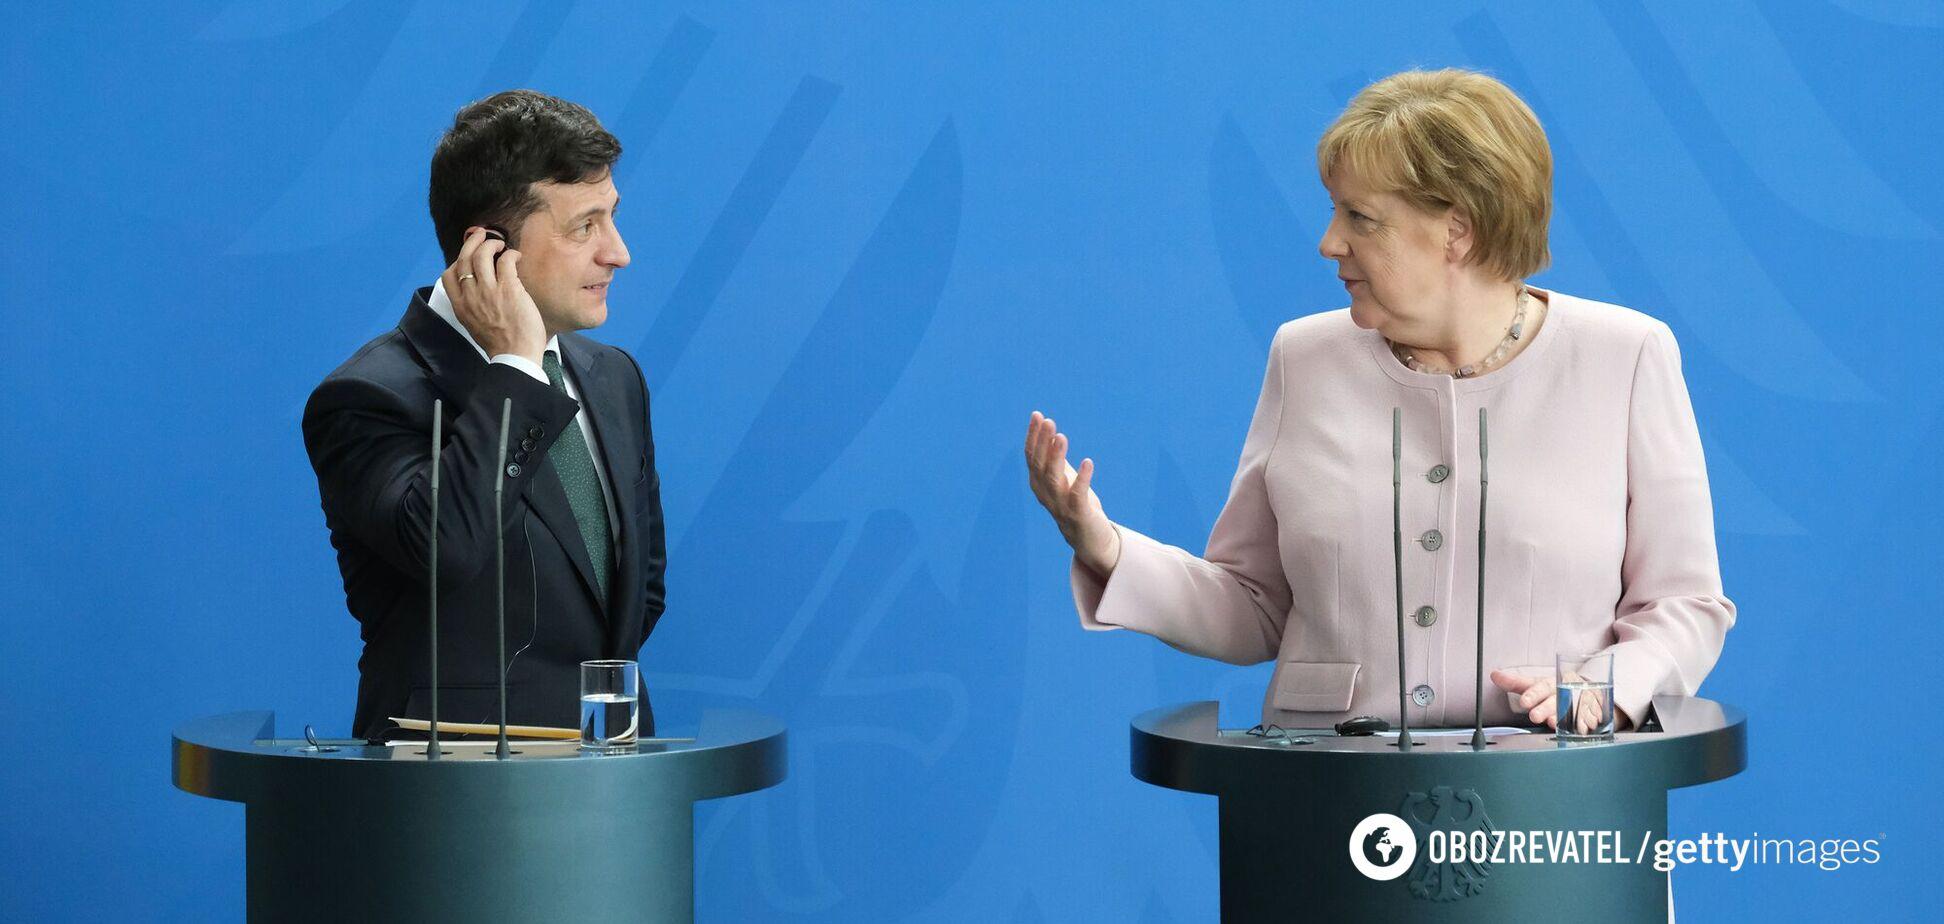 Президент України Володимир Зеленський і канцлер Німеччини Ангела Меркель